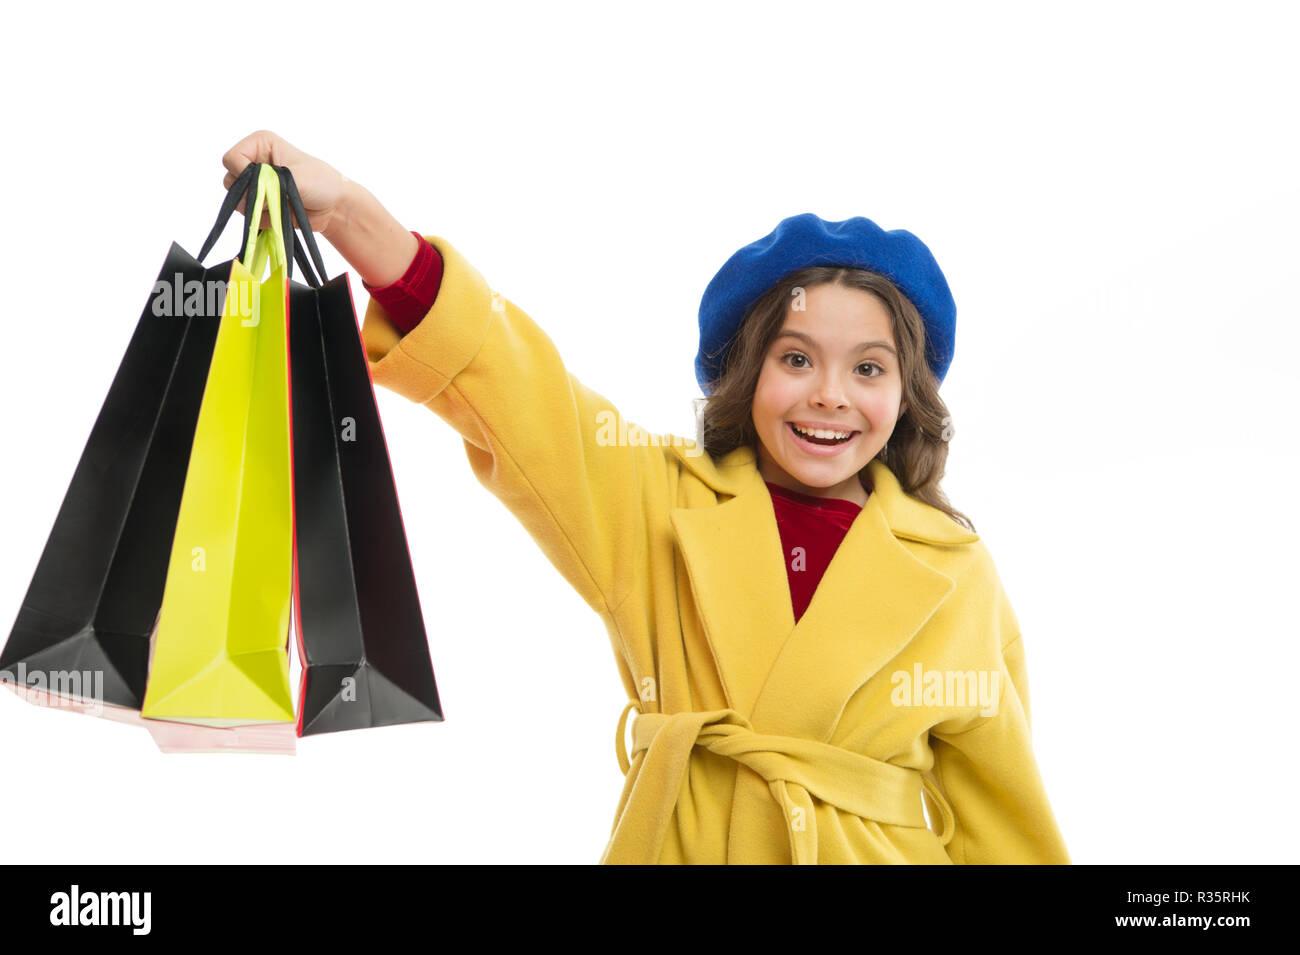 Satisfait par votre enfant isolé sur fond blanc. Obsédé par le shopping centres commerciaux et de l'habillement. Accro du concept. Signes que vous êtes accro au shopping. Kid cute little girl tenir bunch sacs. Photo Stock